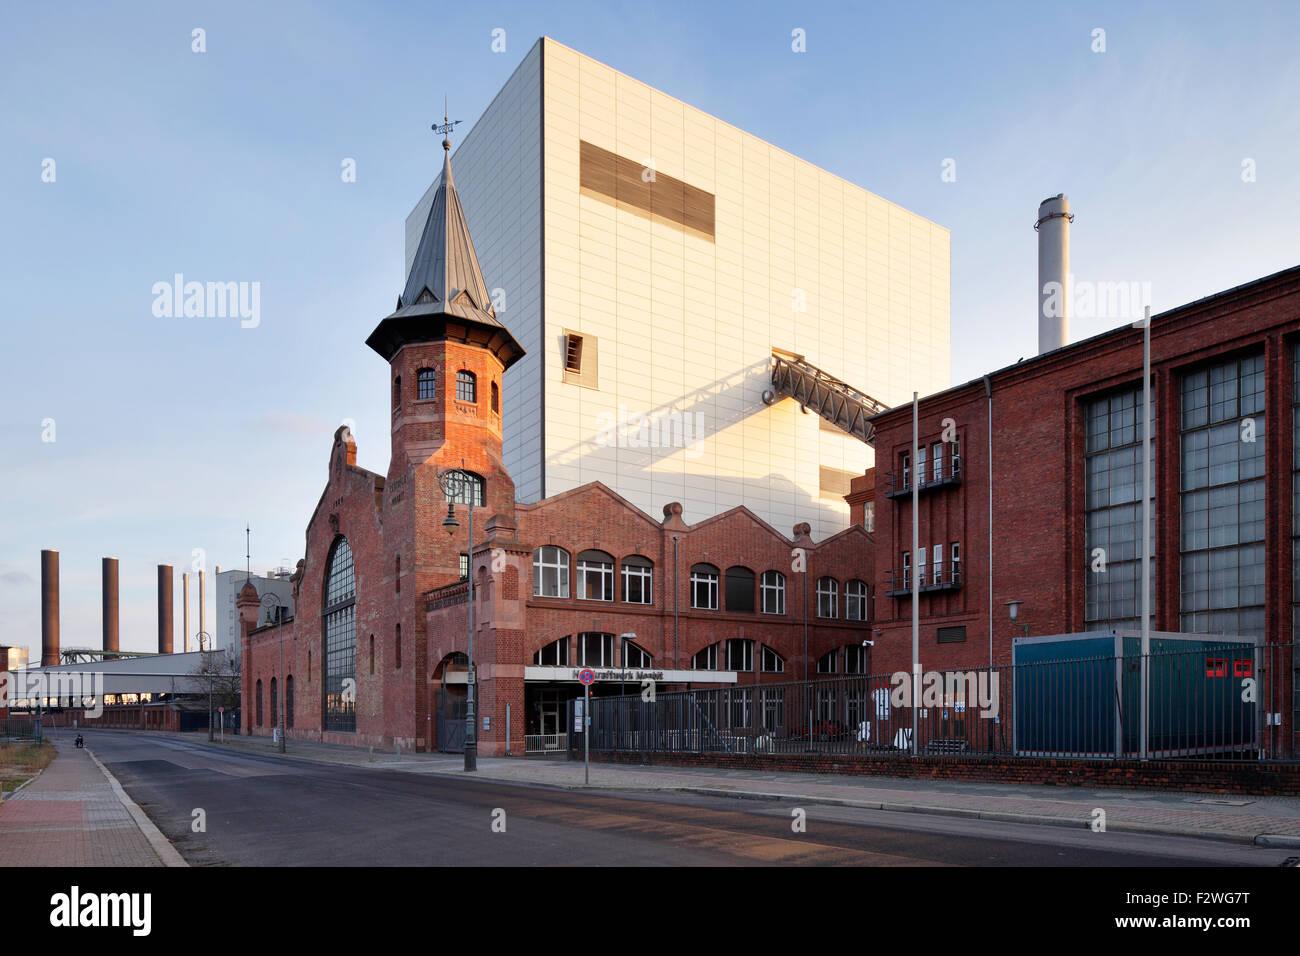 18.01.2015, Berlin, Berlin, Germany - Kraftwerk Moabit at Friedrich-Krause-Ufer in Berlin-Moabit. 00P150118D060CAROEX.JPG Stock Photo